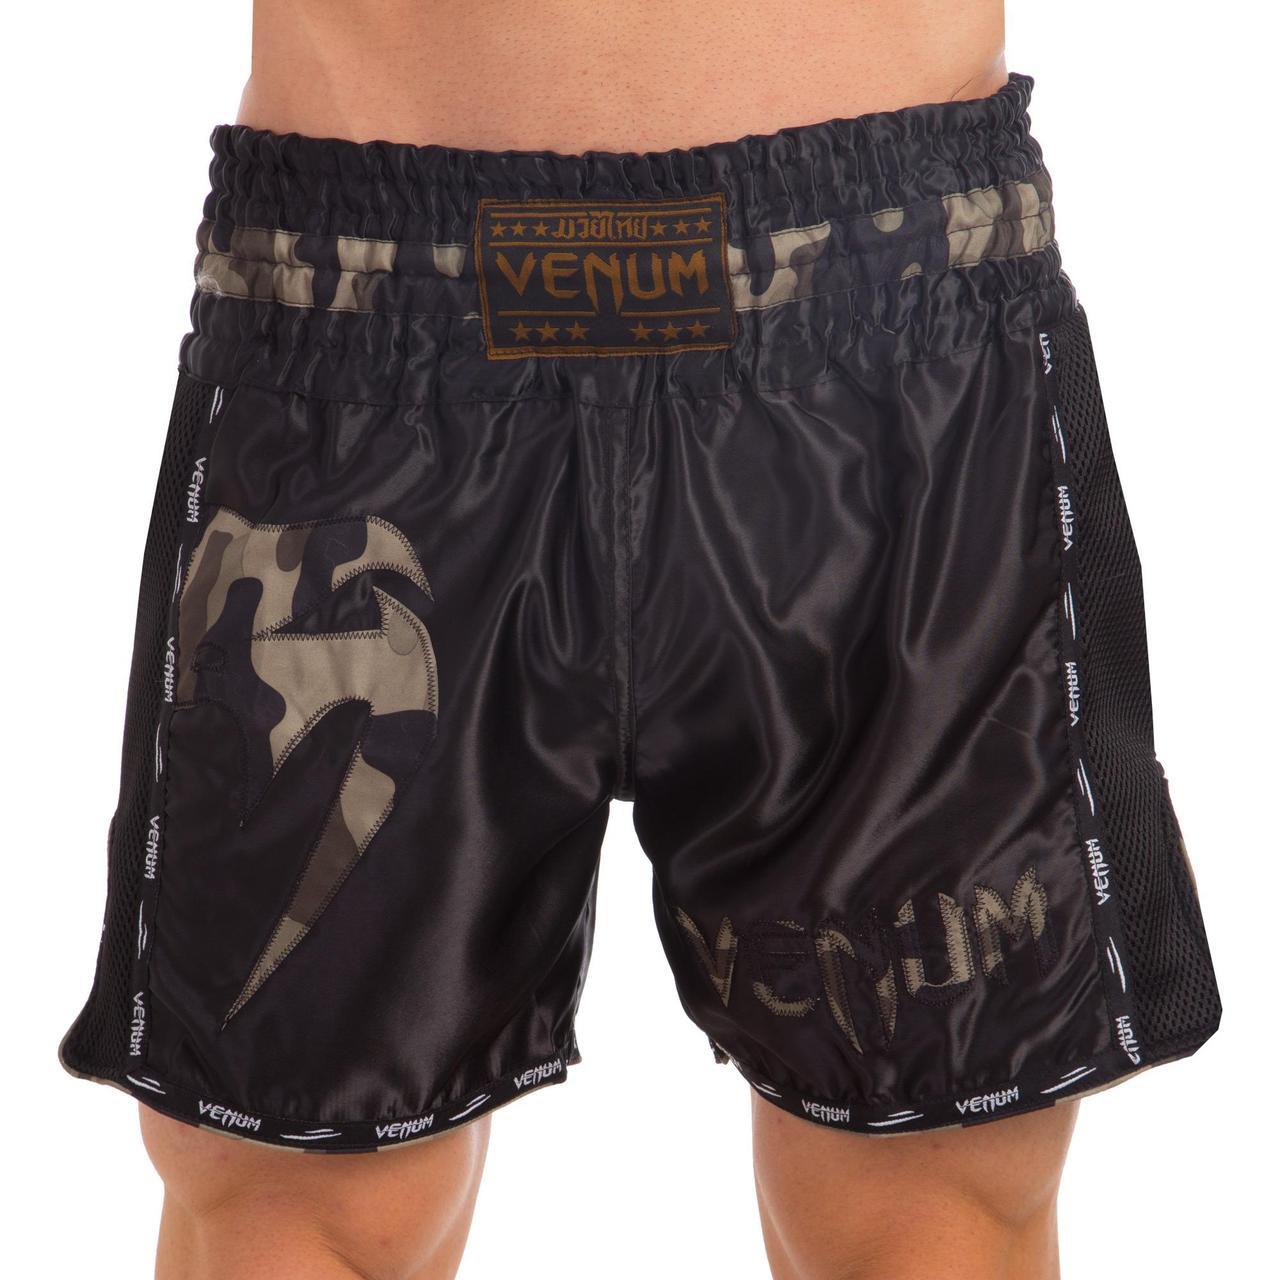 Шорты для тайского бокса и кикбоксинга VNM GIANT VL-0225 (полиэстер, р-р S-L, камуфляж, черный)